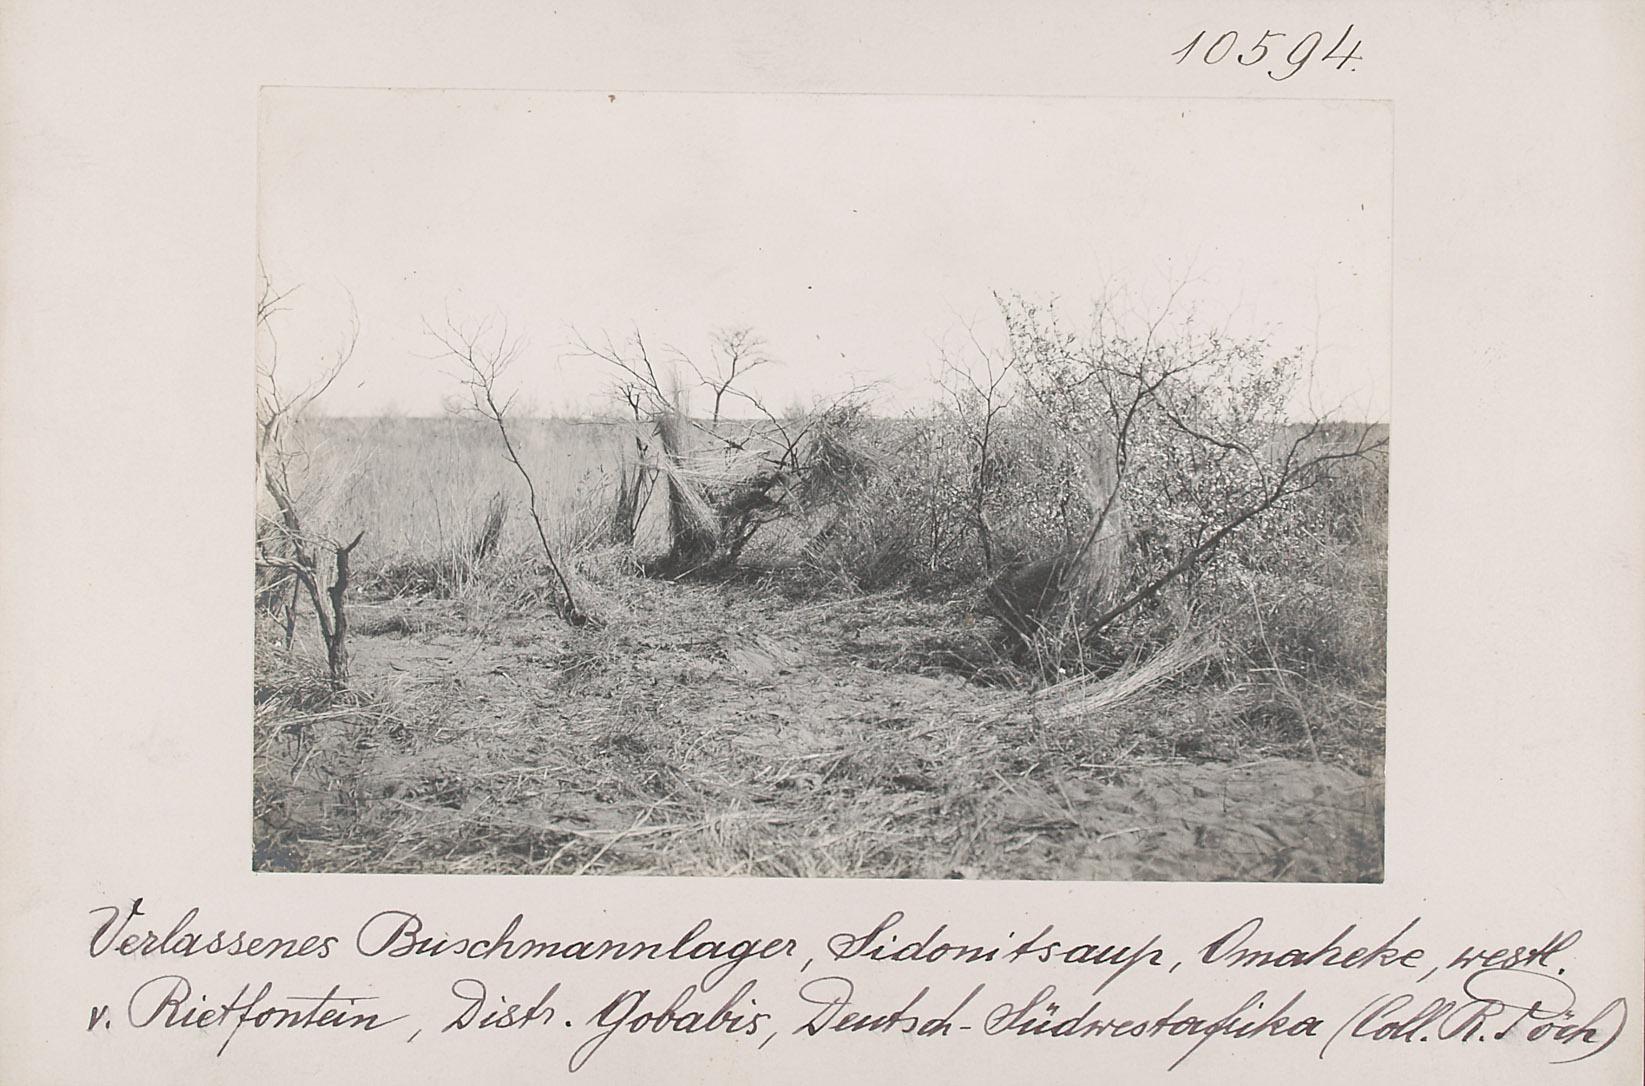 Verlassene Sansiedlung, Sidonitsaup, Omaheke, westl. v. Rietfontein, Distr. Gobabis, Deutsch-Südwestafrika von Rudolf Pöch